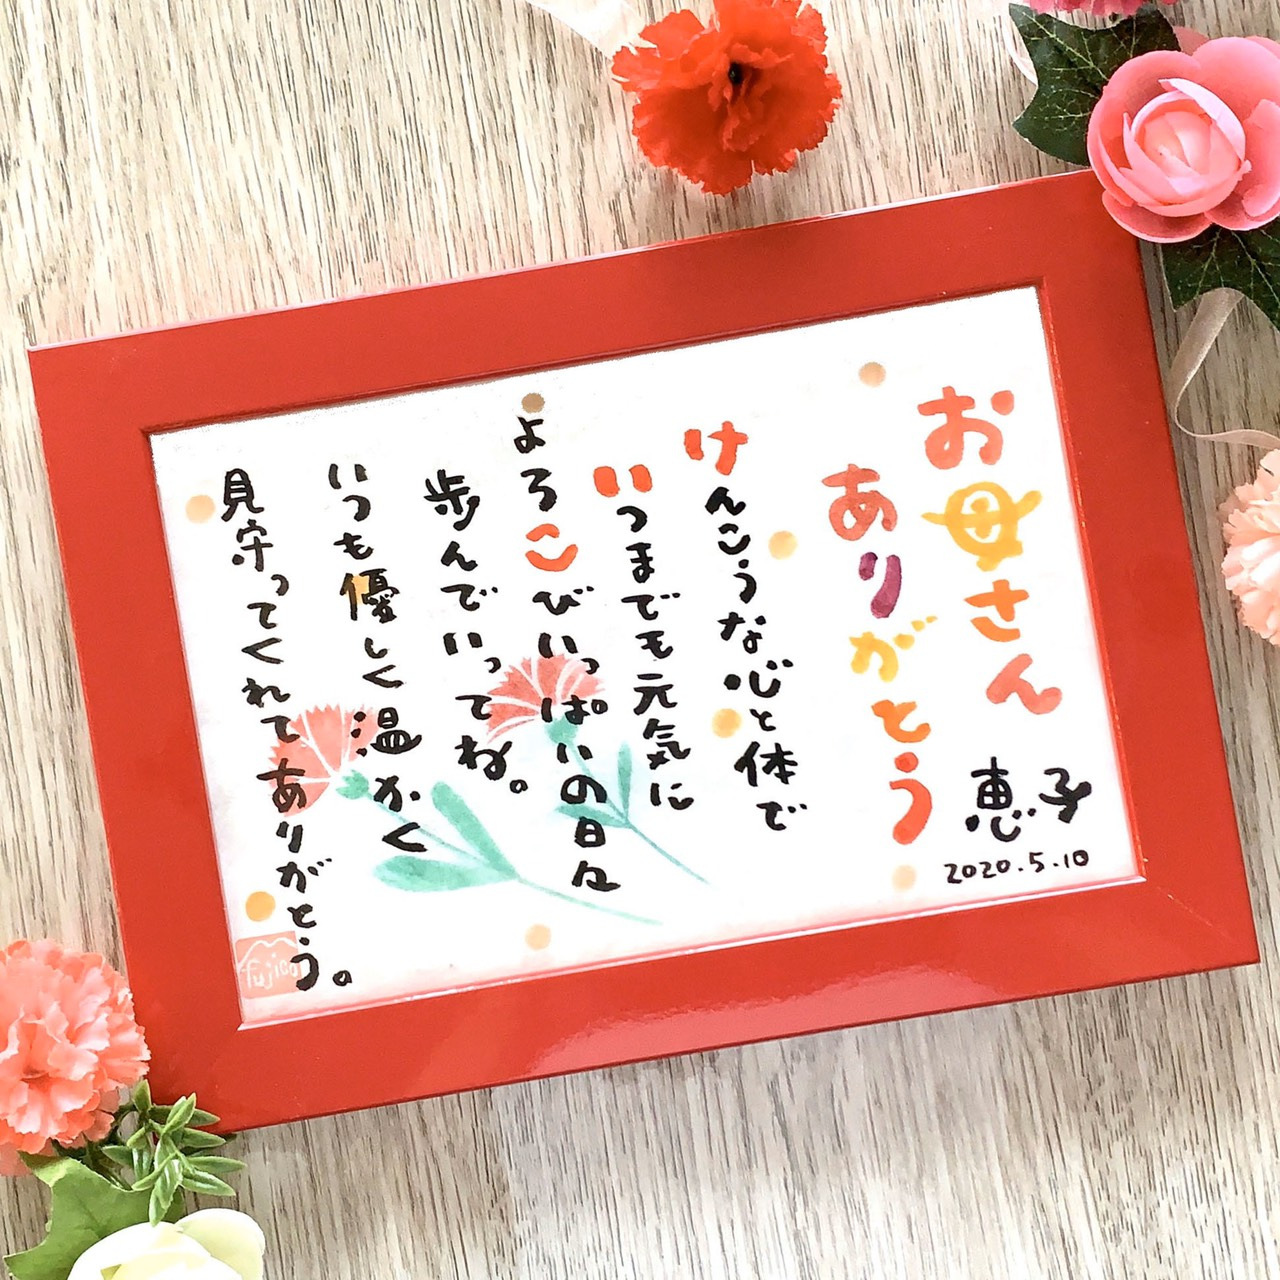 【送料無料】fujico 母の日 Marshaのお名前詩 Sサイズ 1人タイプ ネームポエム